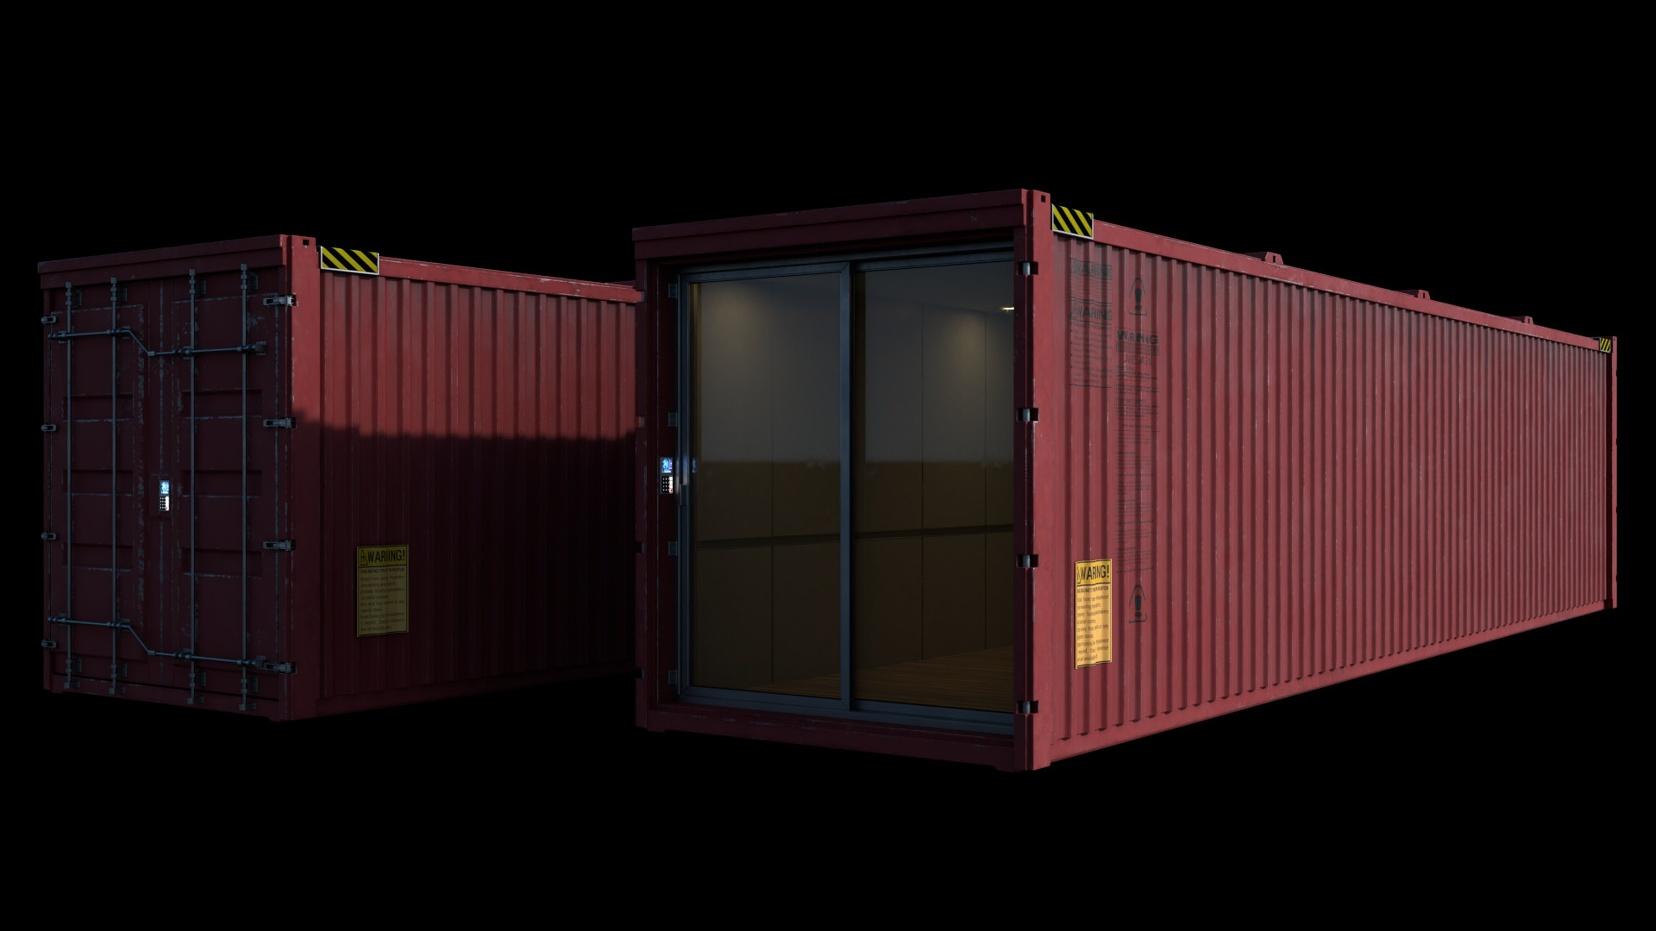 Как правильно выбирать контейнер